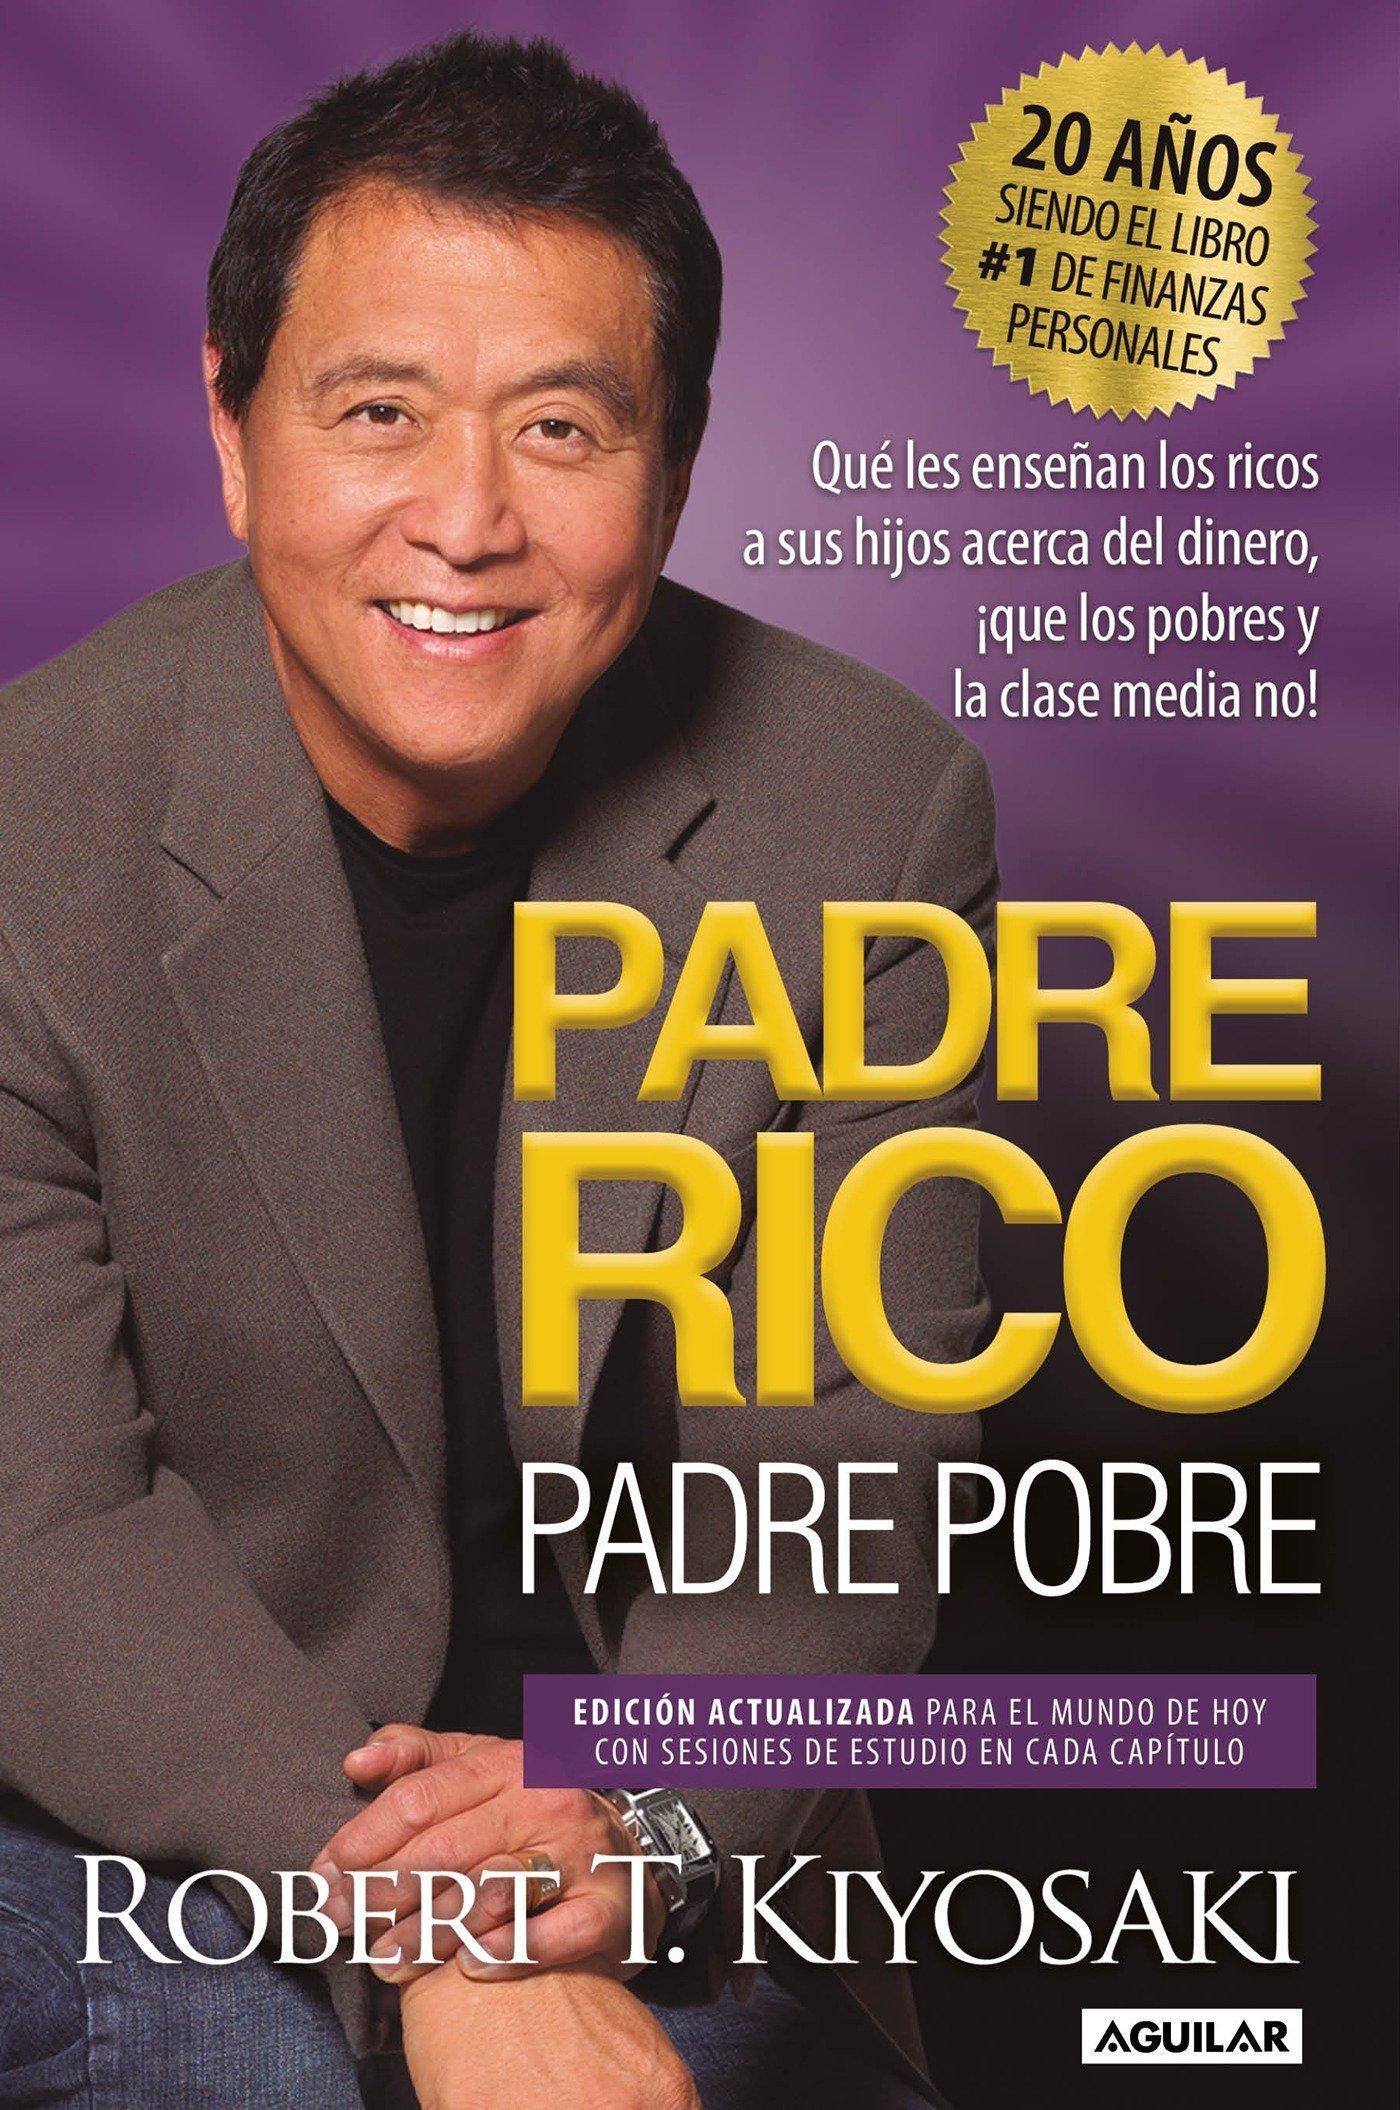 Padre Rico, Padre Pobre. Edición 20 aniversario: Qué les enseñan los ricos a sus hijos acerca del dinero,¡que los pobres…